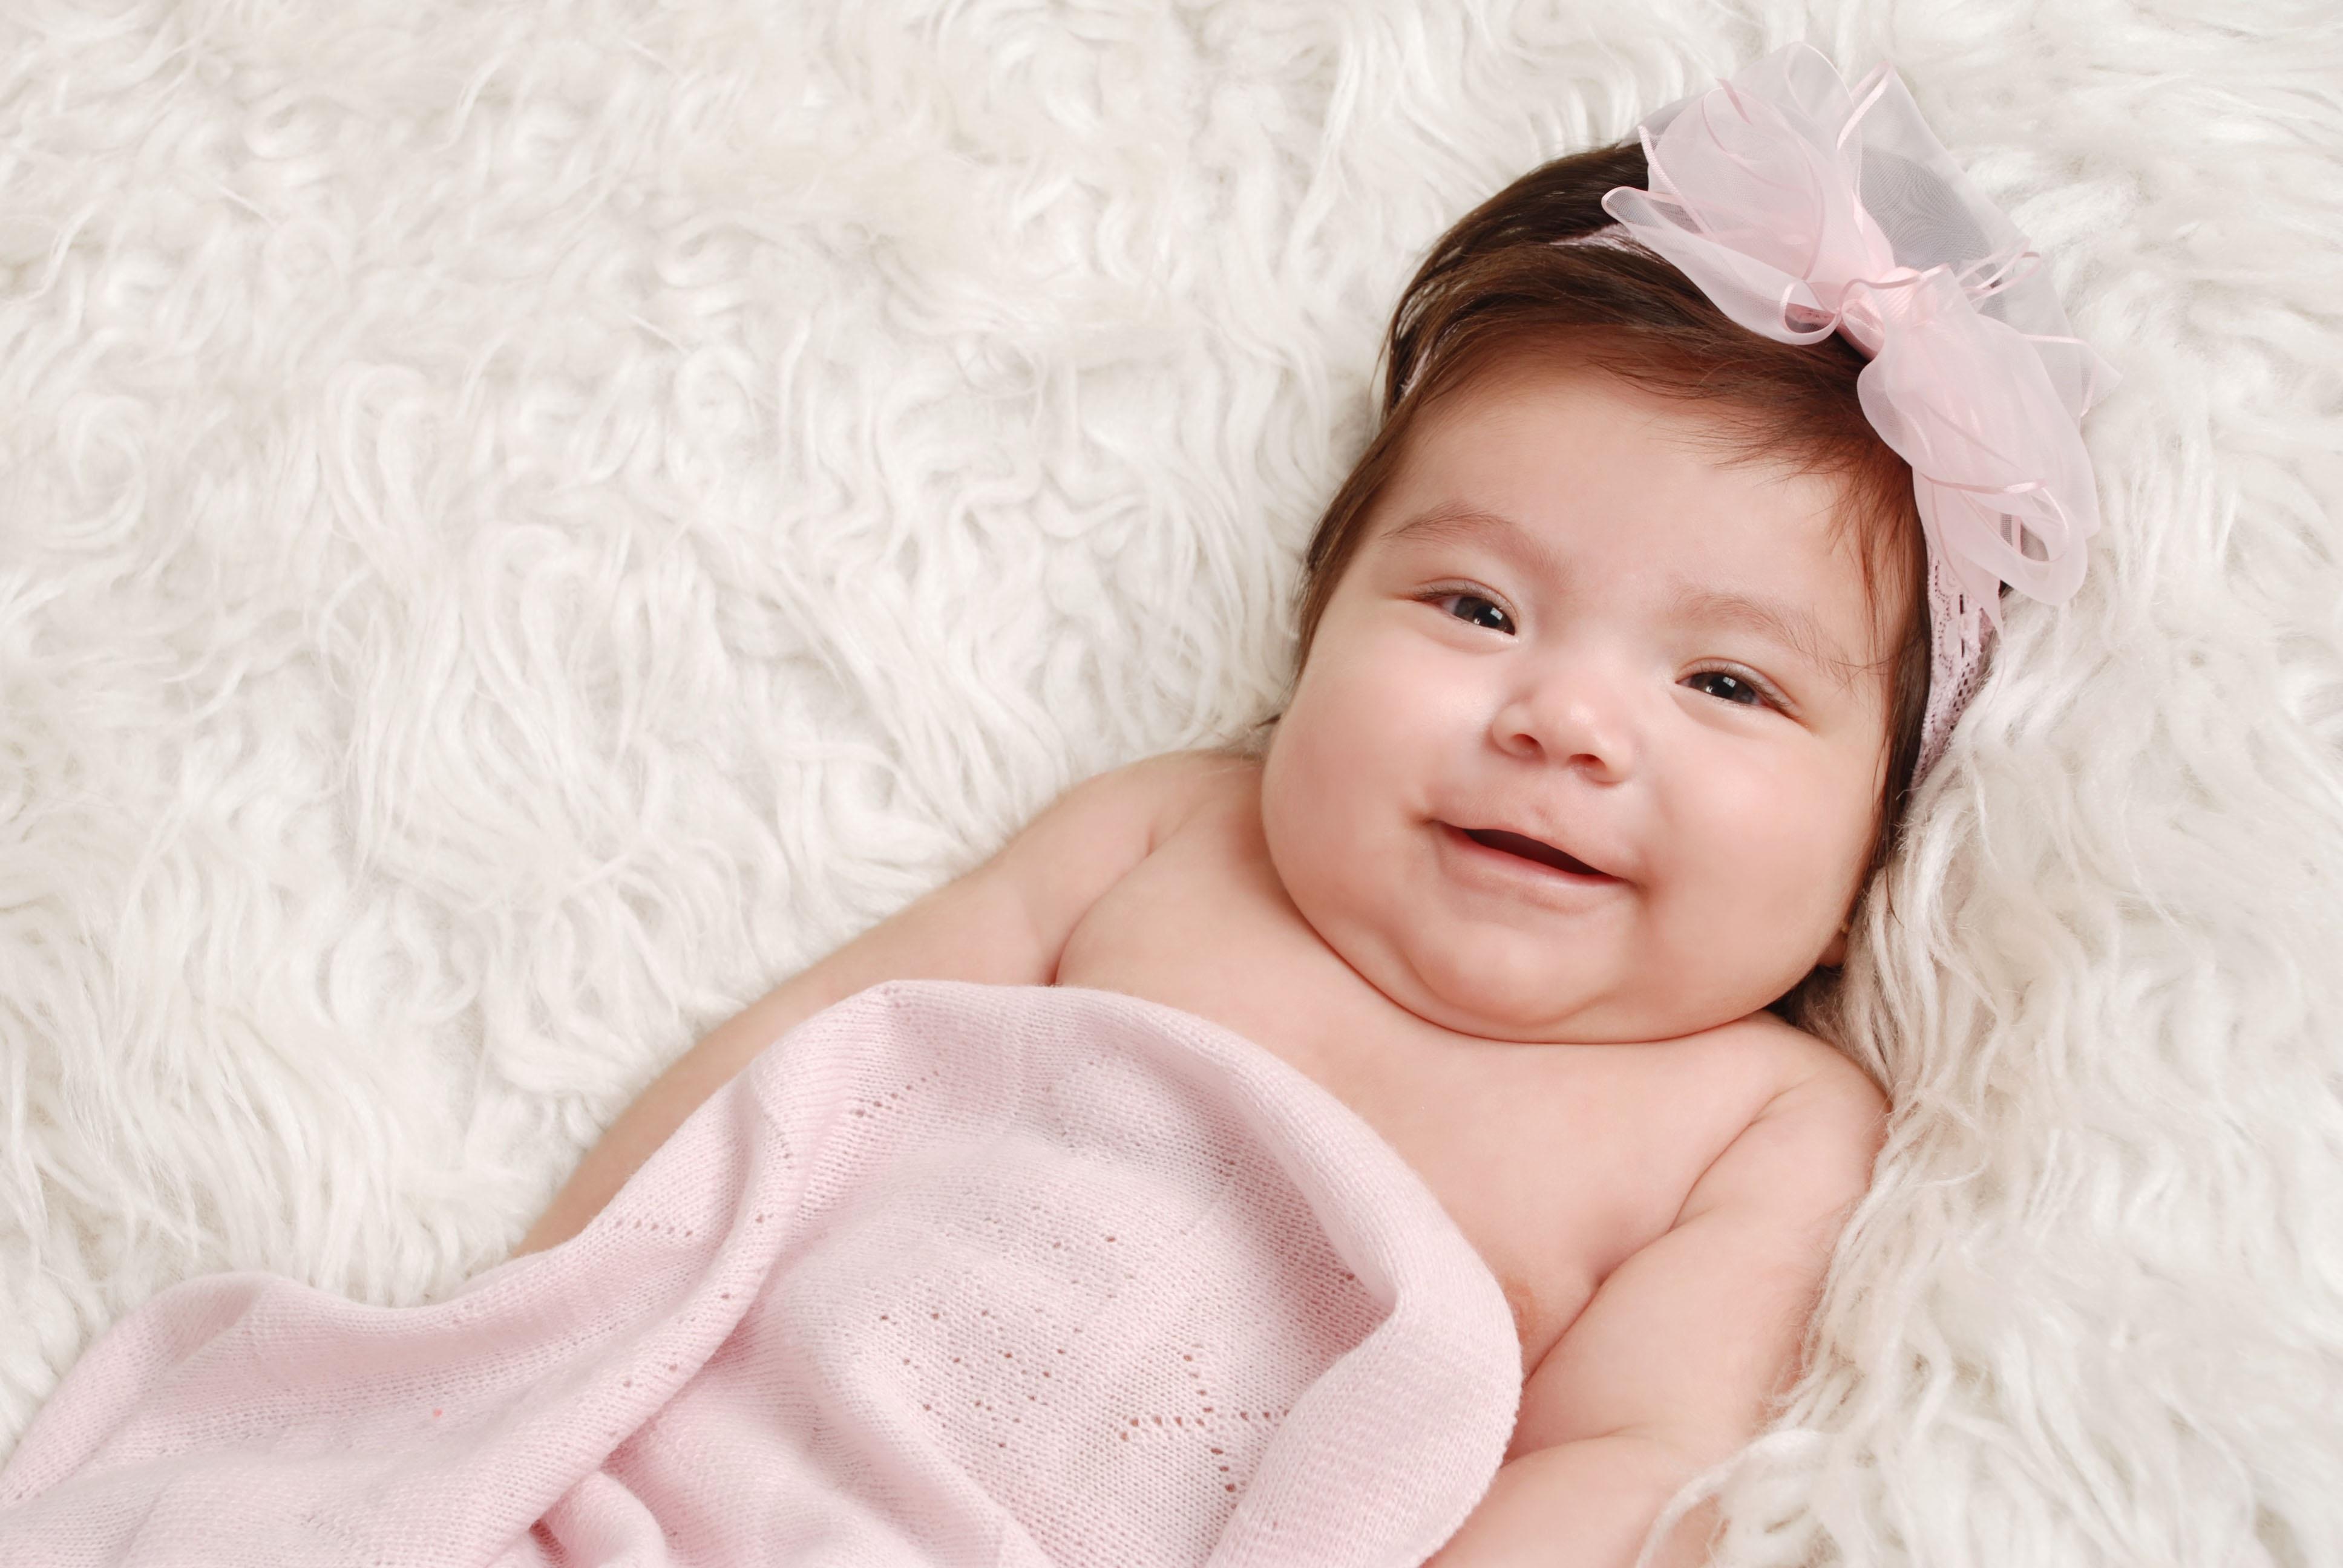 la personne fille la photographie enfant rose produit ange content bébé  bambin peau séance photo Bebe b636651672b